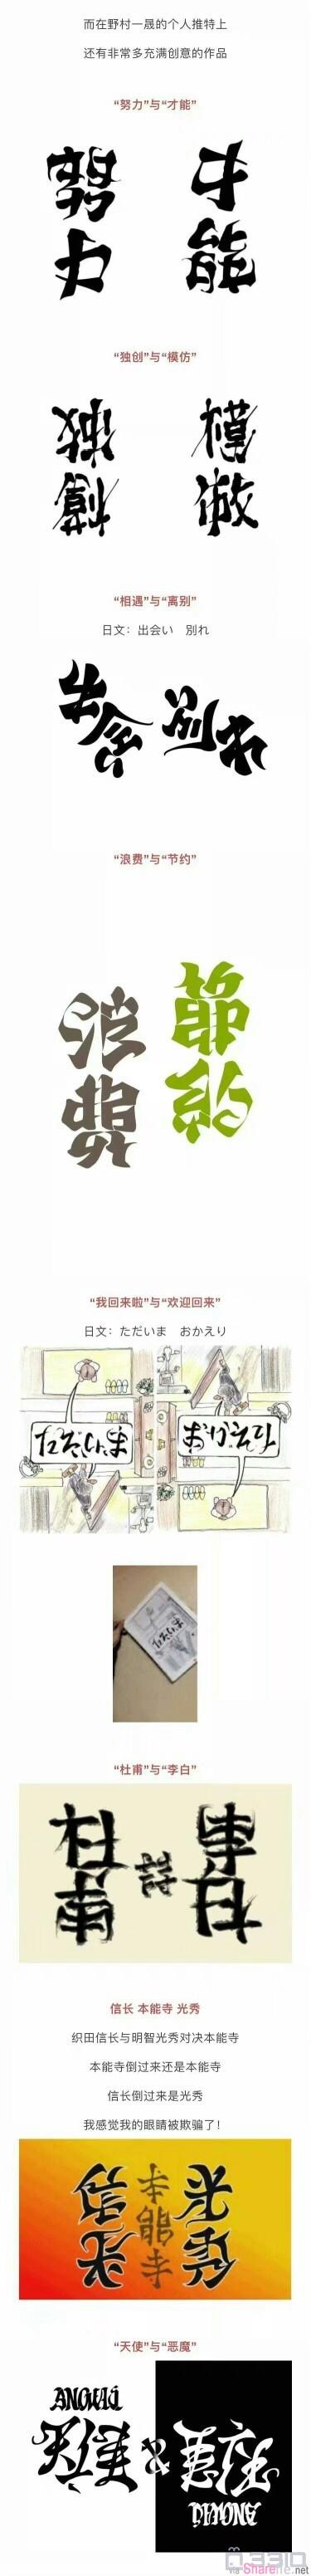 日本超狂海报设计,上下倒过来看竟然出现另一组字